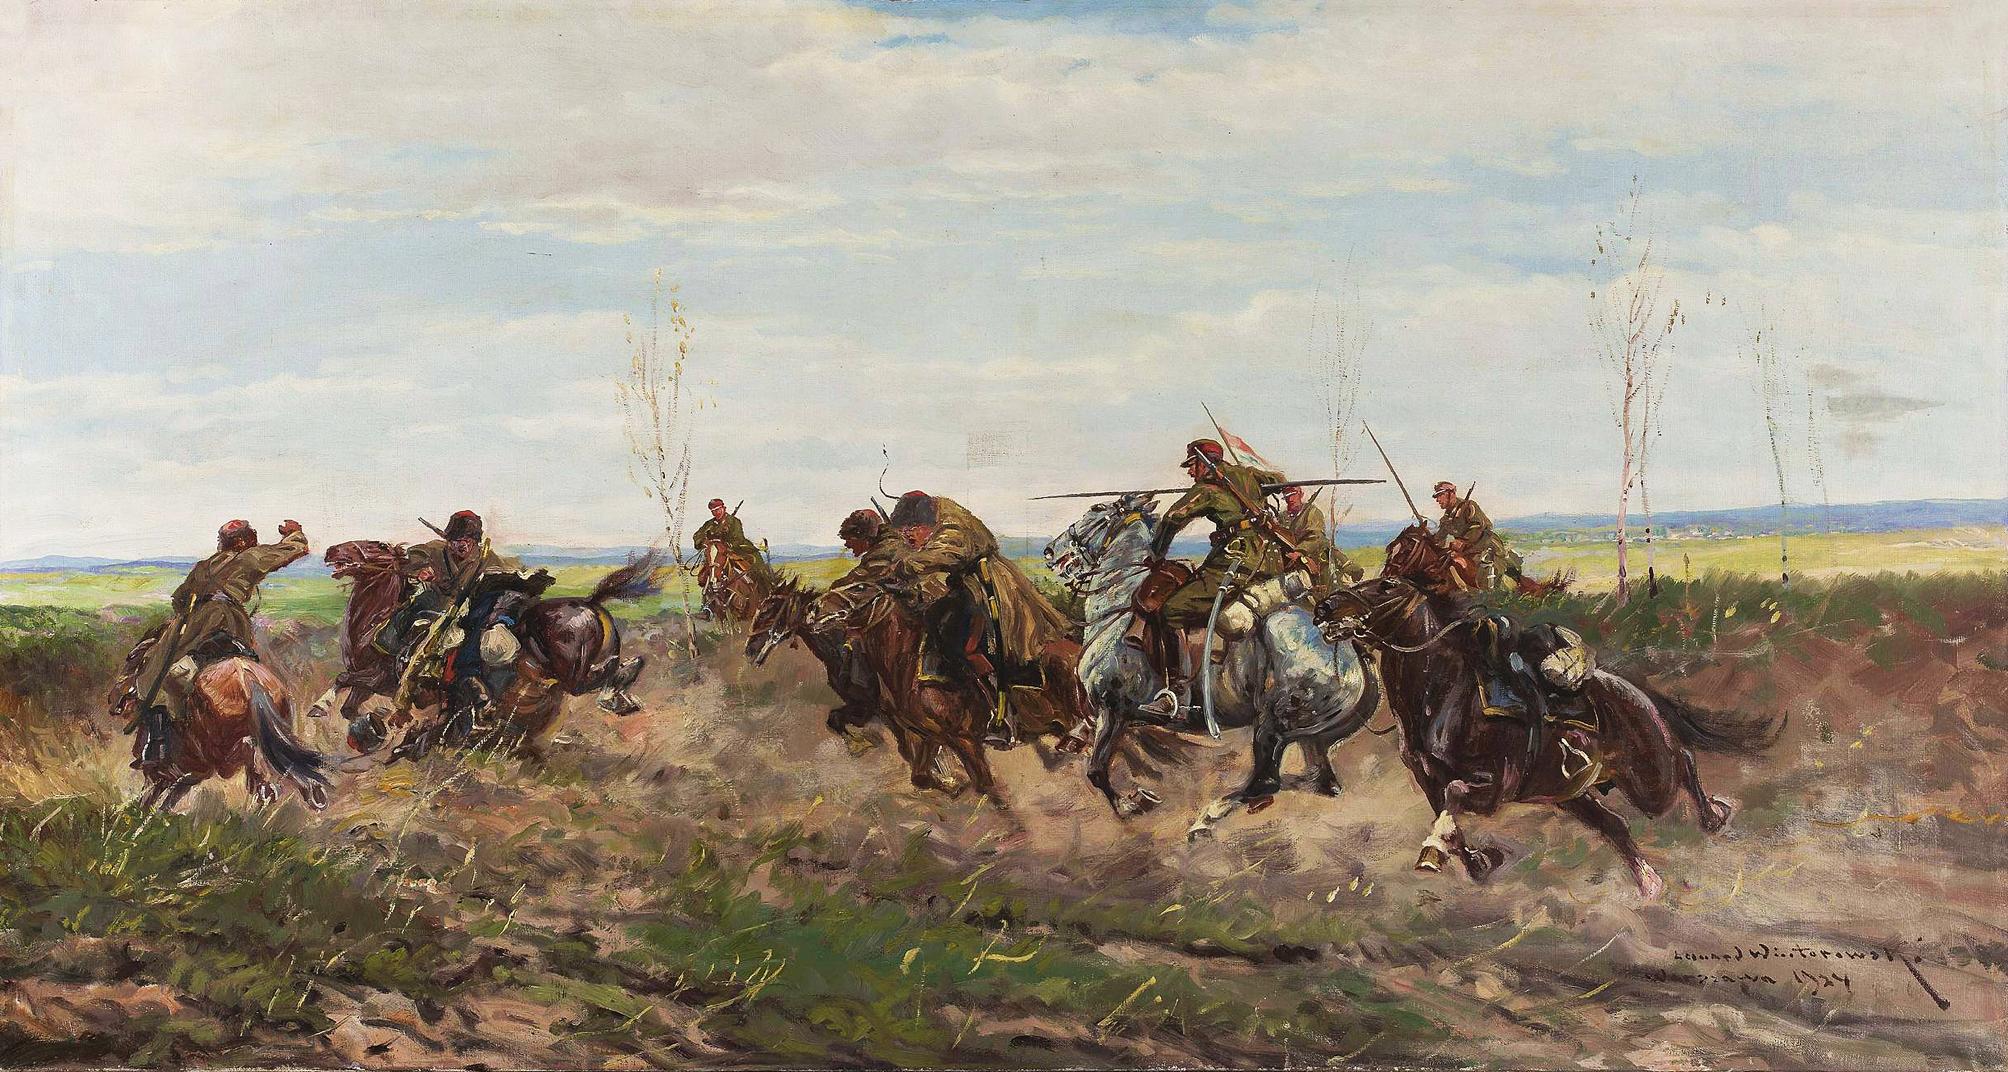 Леонард Вінтеровський. Батальна сцена, 1924; олія, полотно, NMW